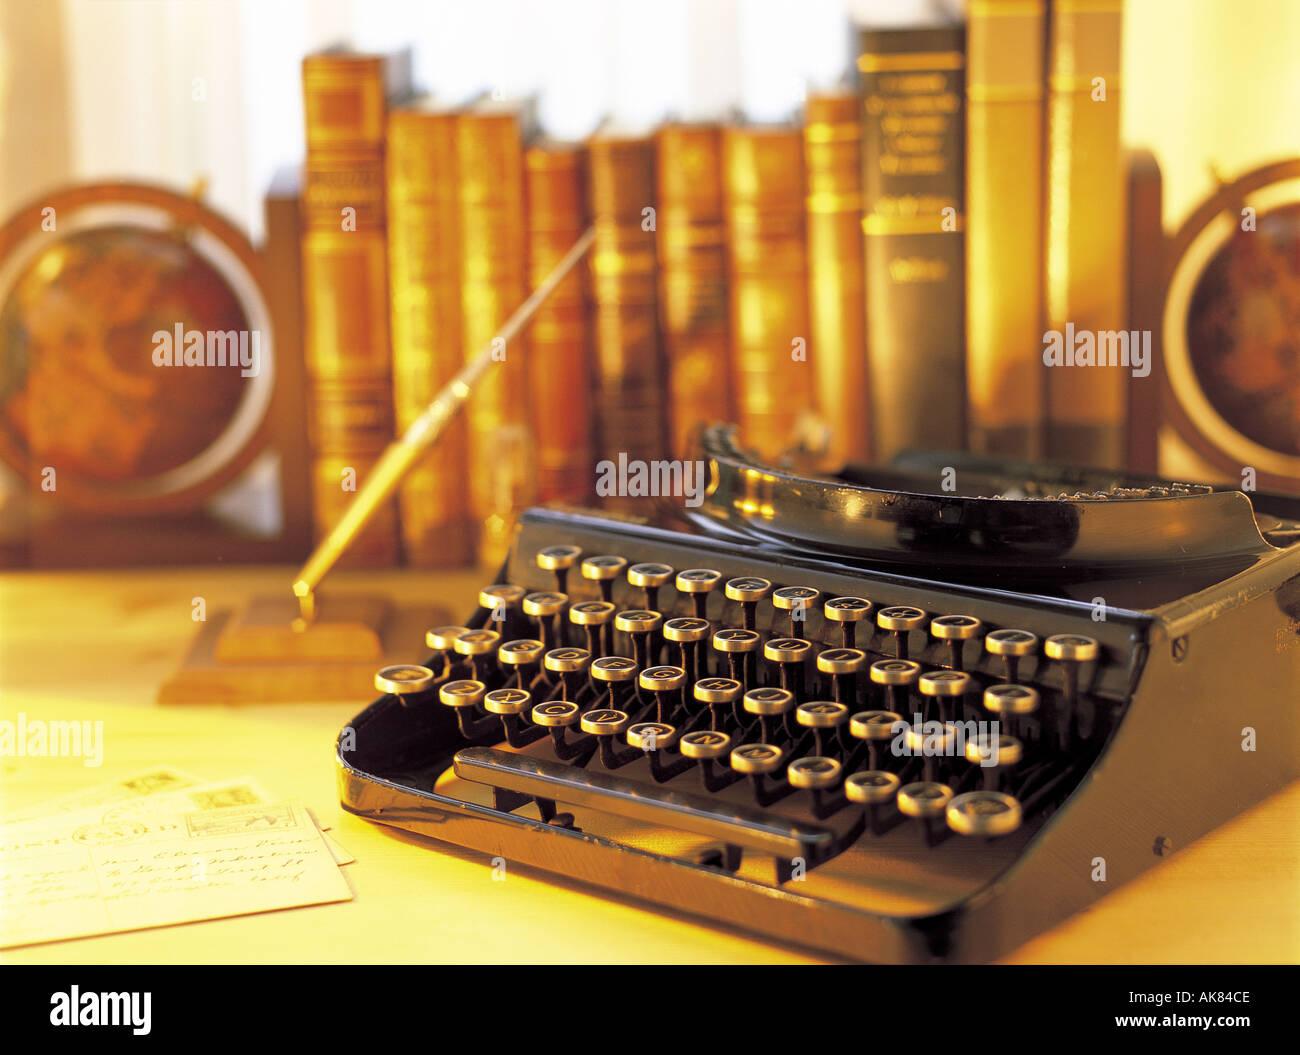 Antique typewriter - Stock Image